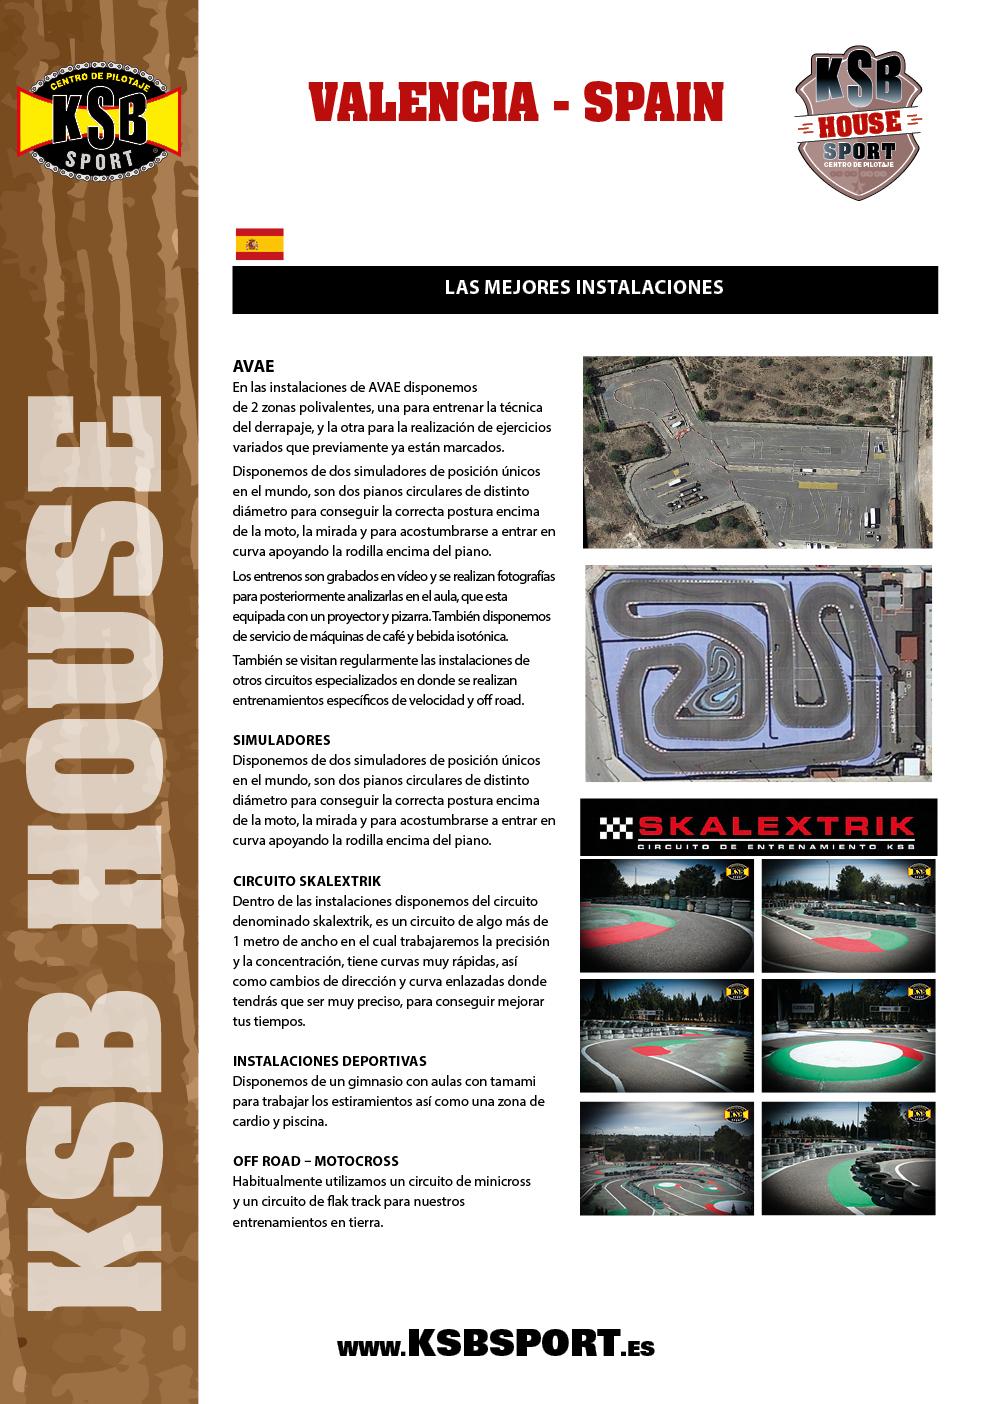 ksb_house_dossier12